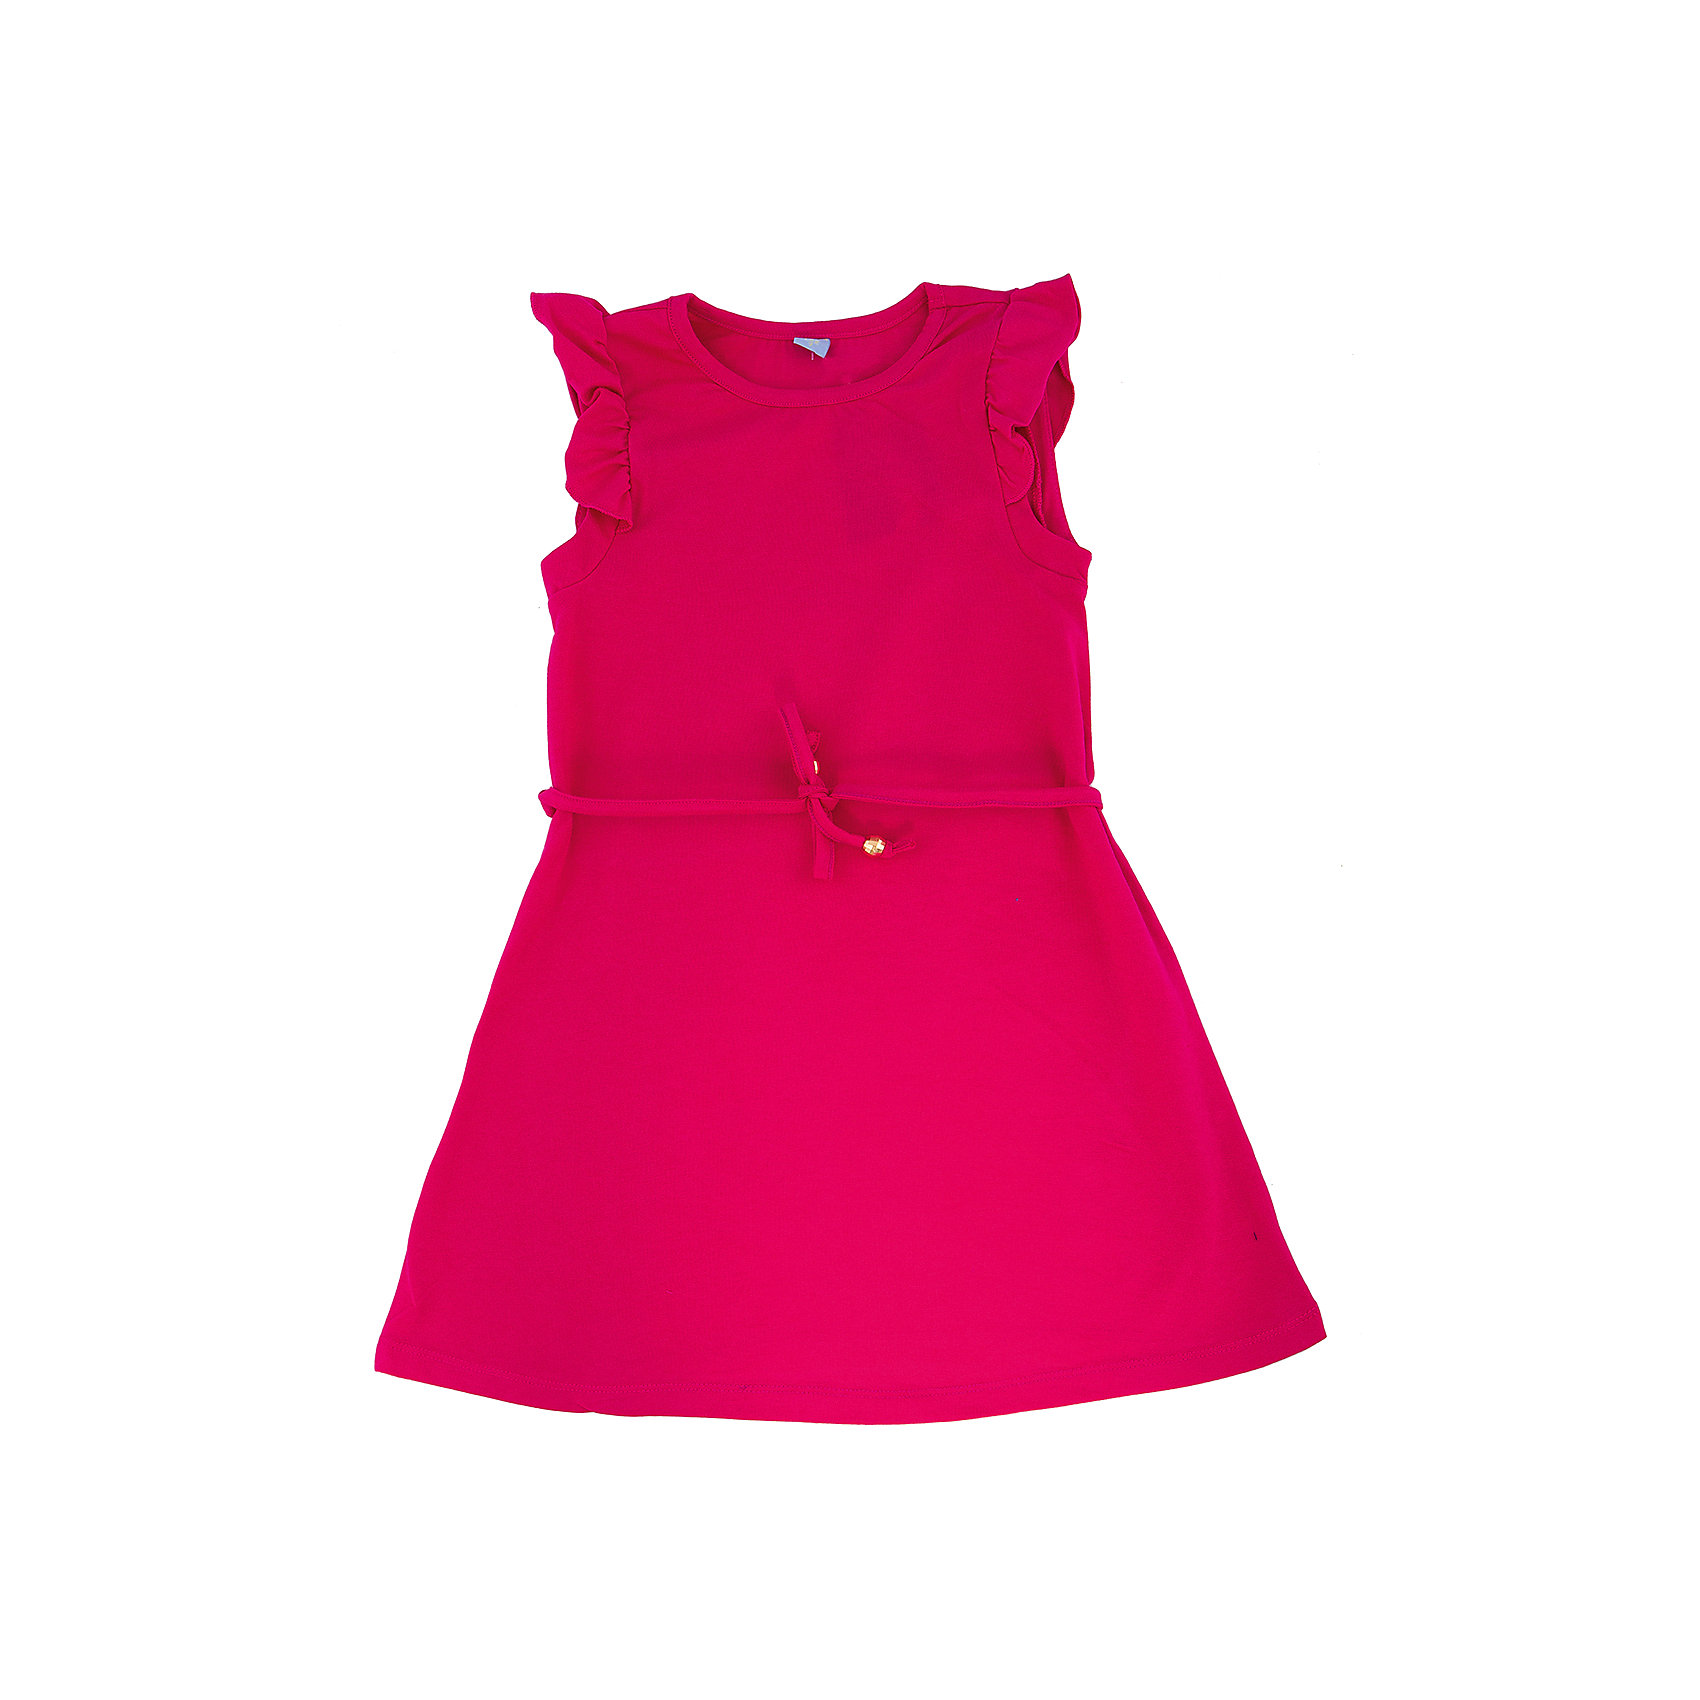 Платье для девочки DAUBERПлатье для девочки с коротким рукавом из высококачественного хлопка с  лайкрой.  Состав:95%хлопок 5%лайкра<br><br>Ширина мм: 236<br>Глубина мм: 16<br>Высота мм: 184<br>Вес г: 177<br>Цвет: розовый<br>Возраст от месяцев: 144<br>Возраст до месяцев: 156<br>Пол: Женский<br>Возраст: Детский<br>Размер: 158,122,146,134,128,140,152,164<br>SKU: 4631022